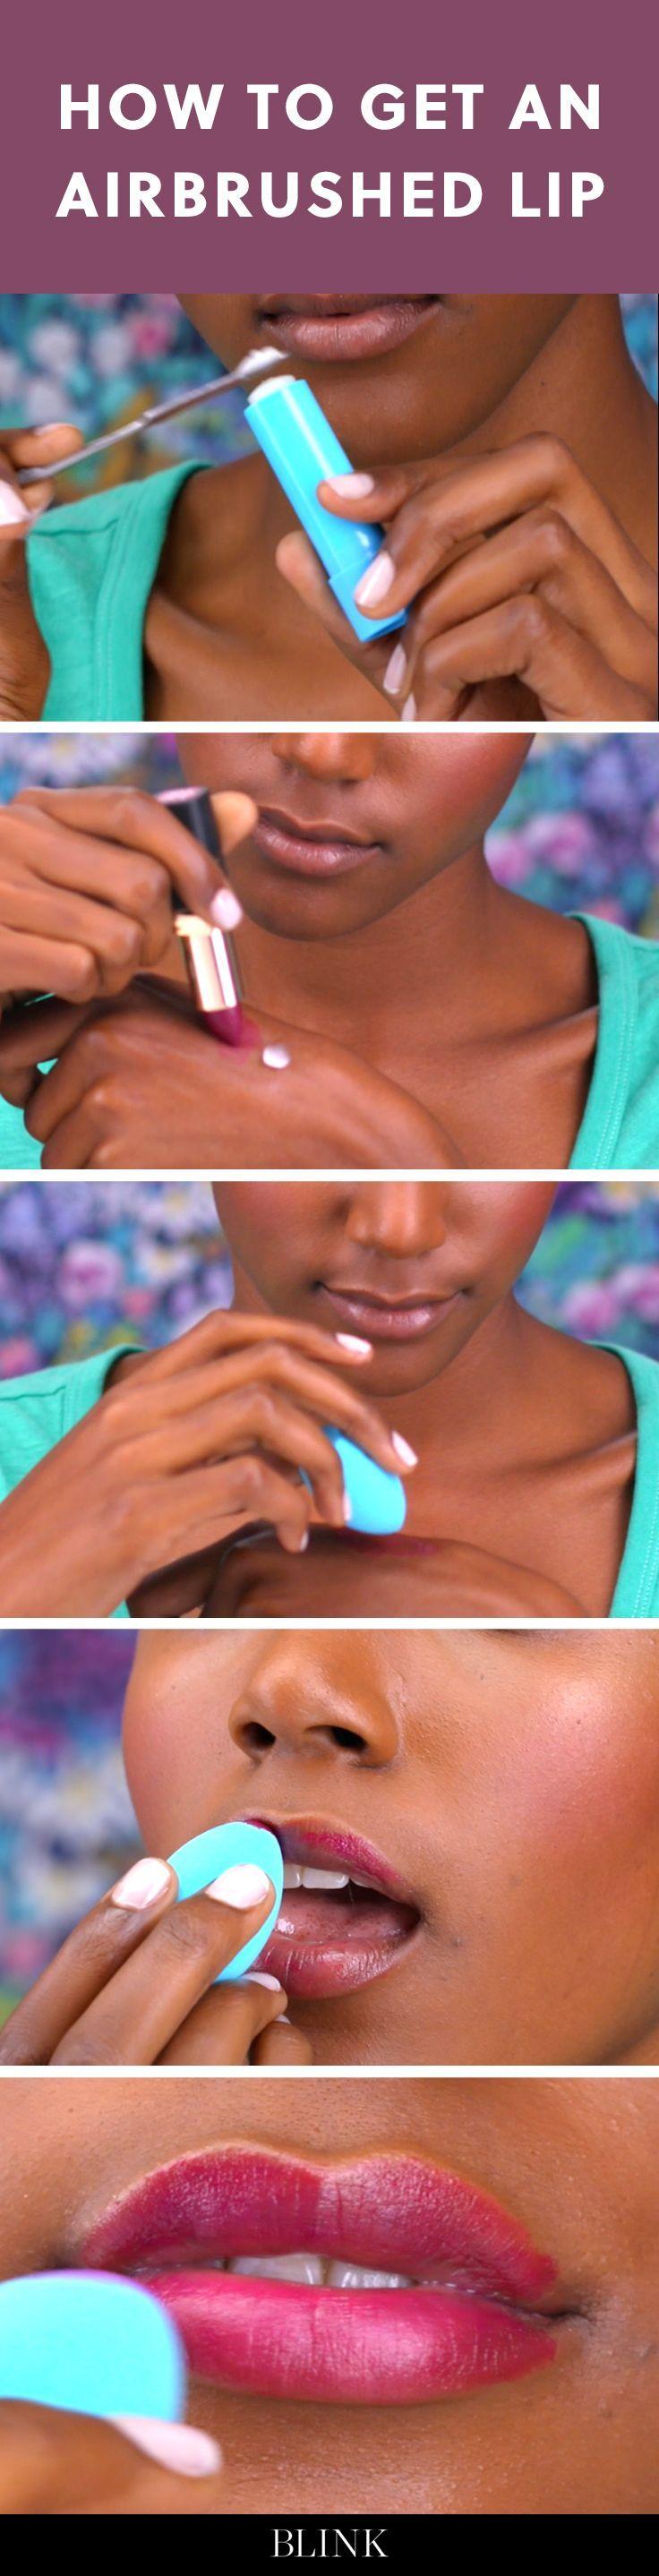 How to Get an Airbrushed Lip #blinkbeauty #makeuptutorial #lipstick